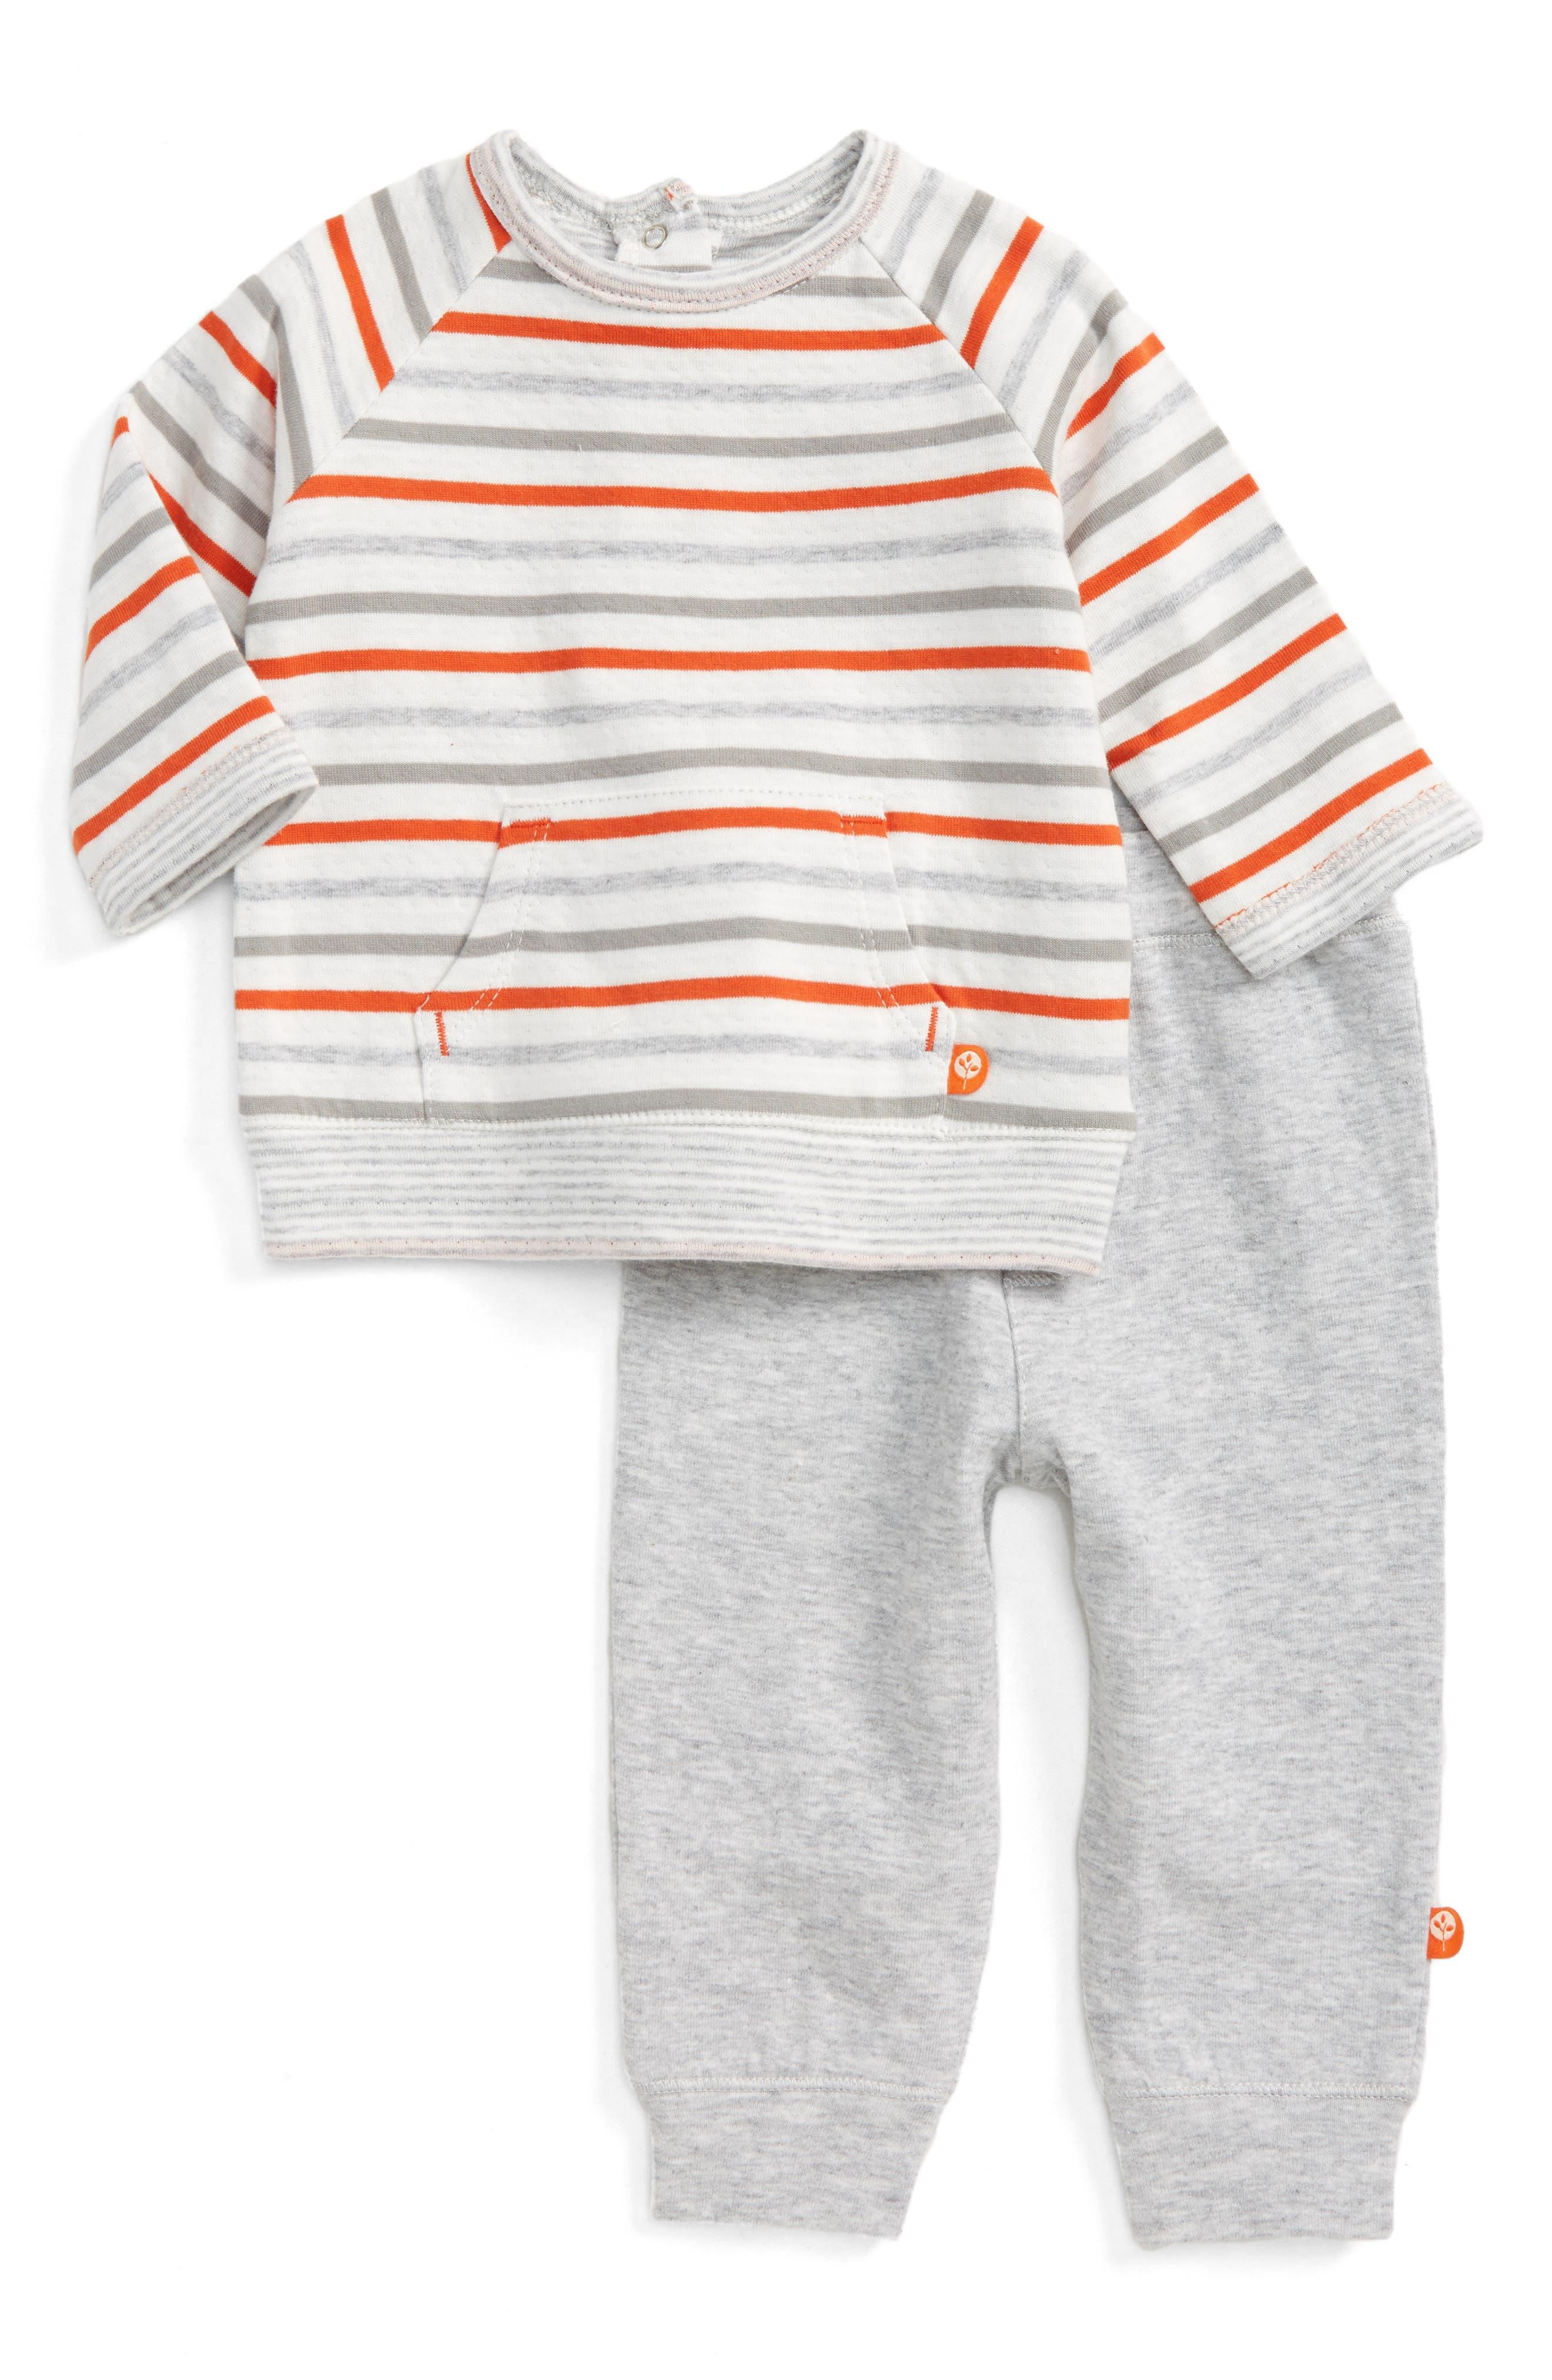 OFFSPRING Safari Fun Sweatshirt & Pants Set